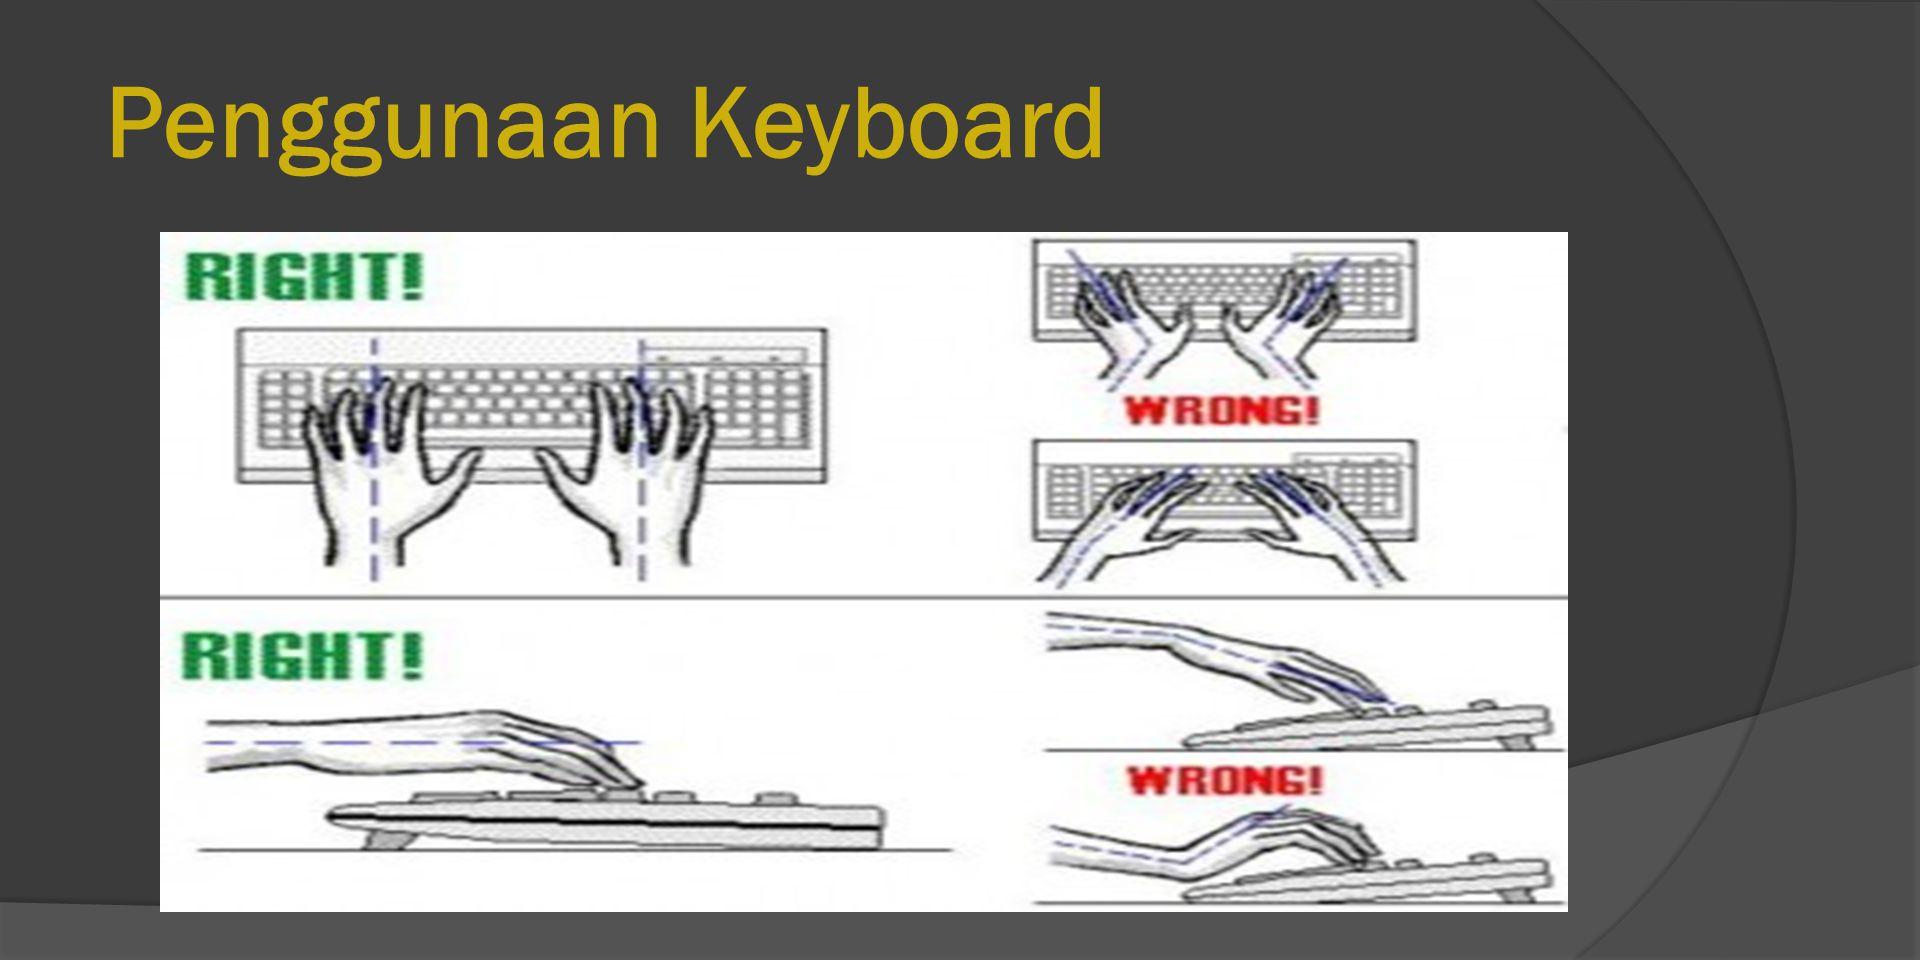 Penggunaan Keyboard